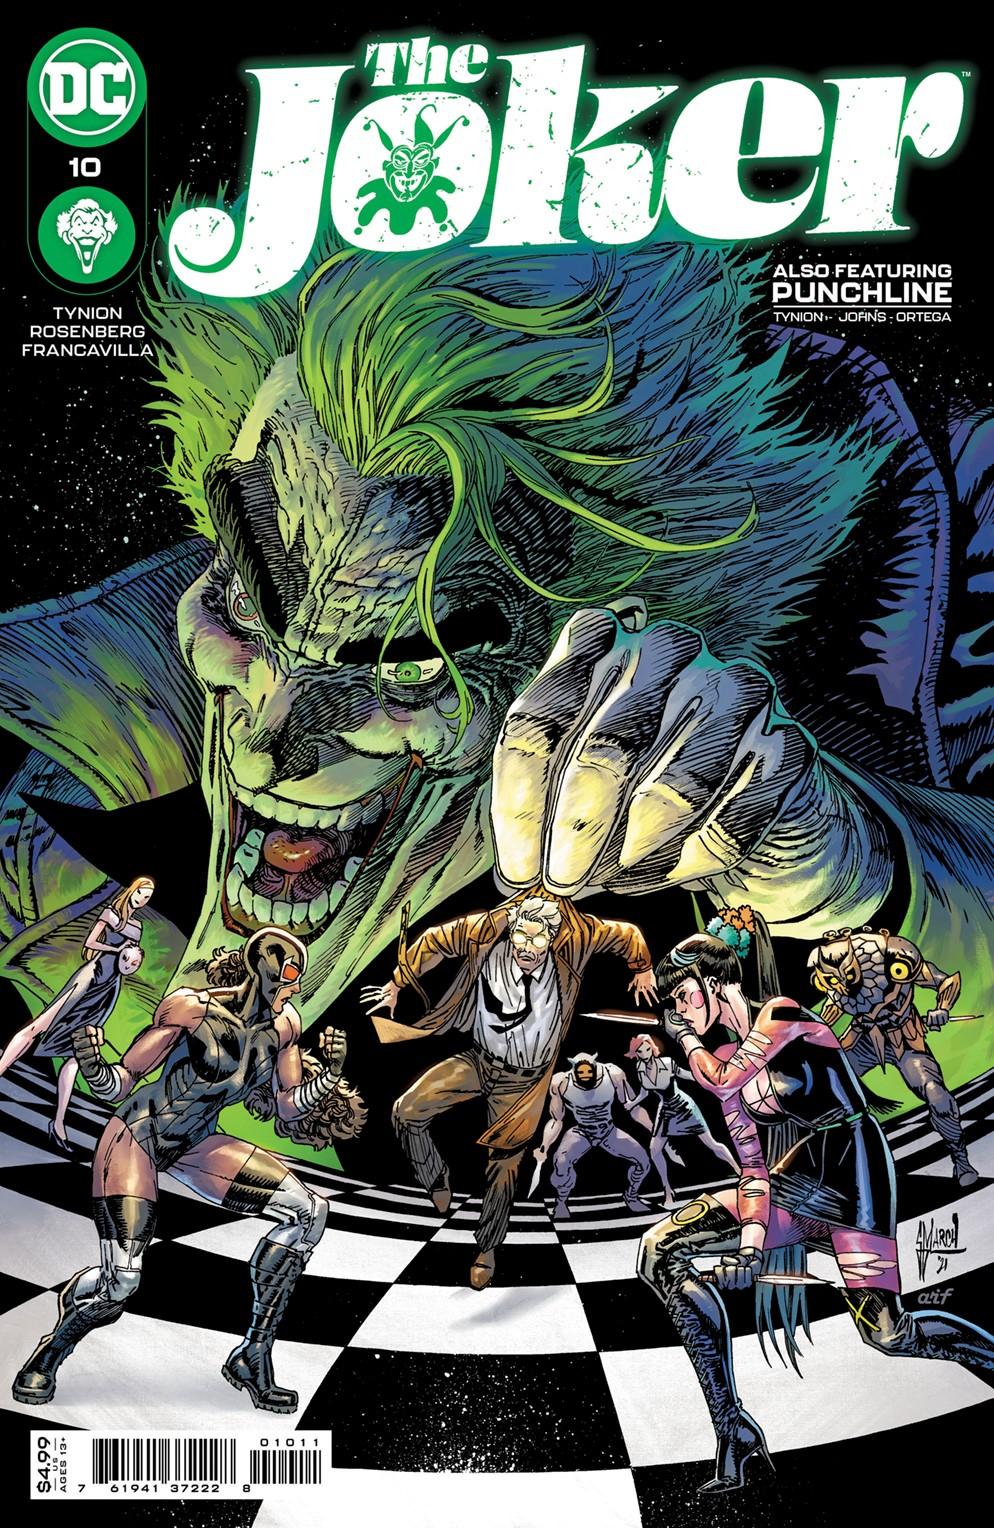 JKR_Cv10 DC Comics December 2021 Solicitations